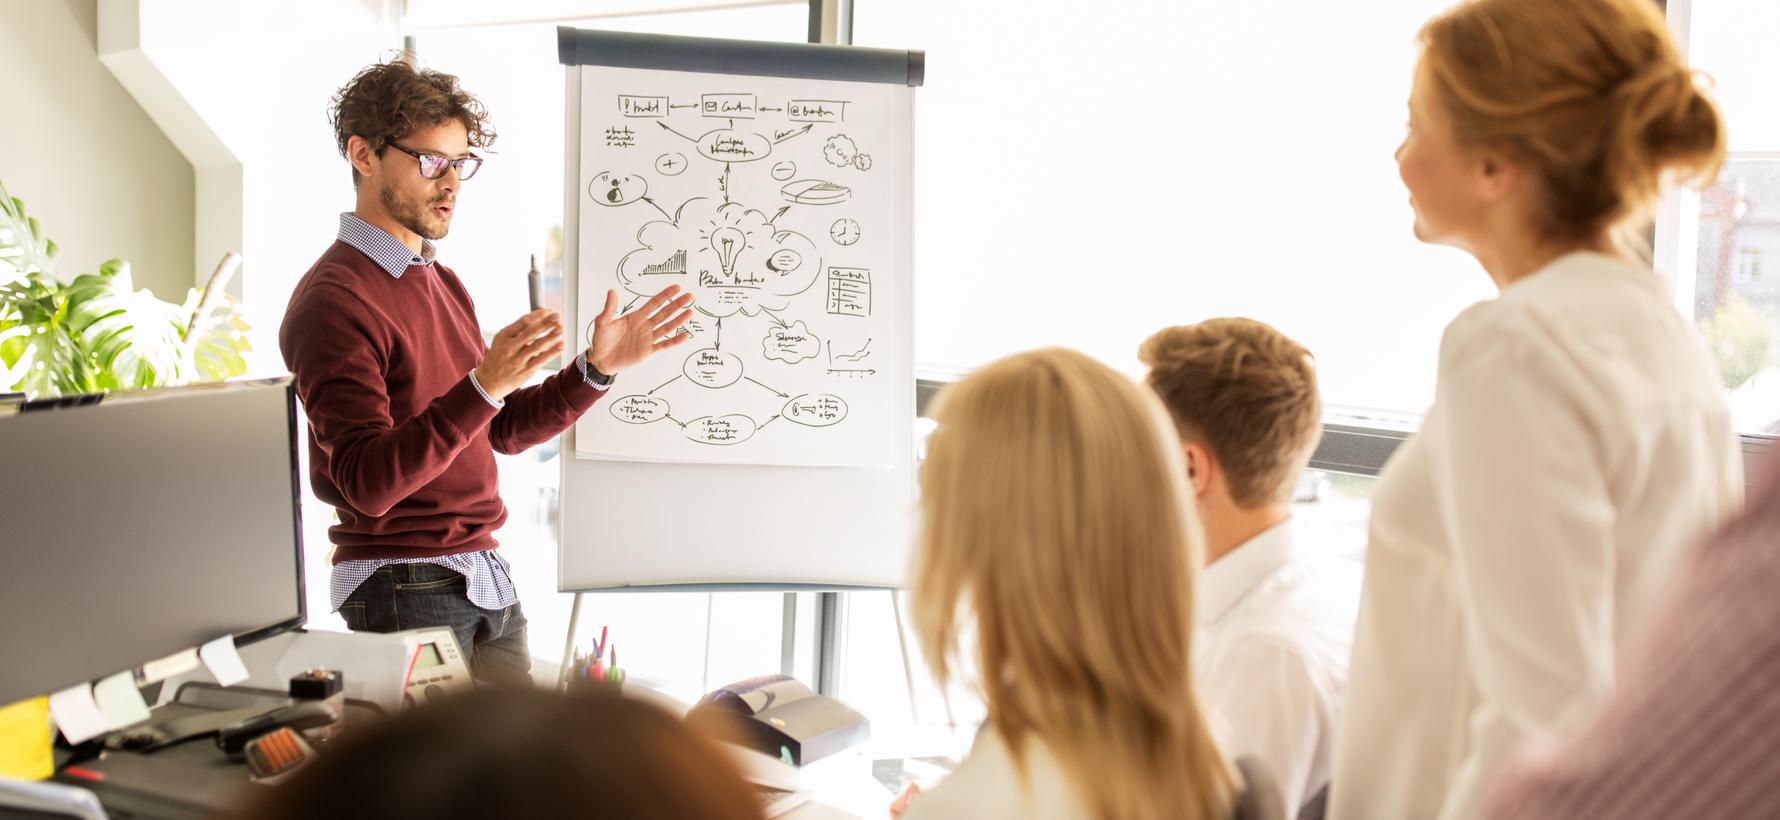 [Infografía] Conoce el Máster en Innovación y Emprendimiento de Nuevas Tecnologías